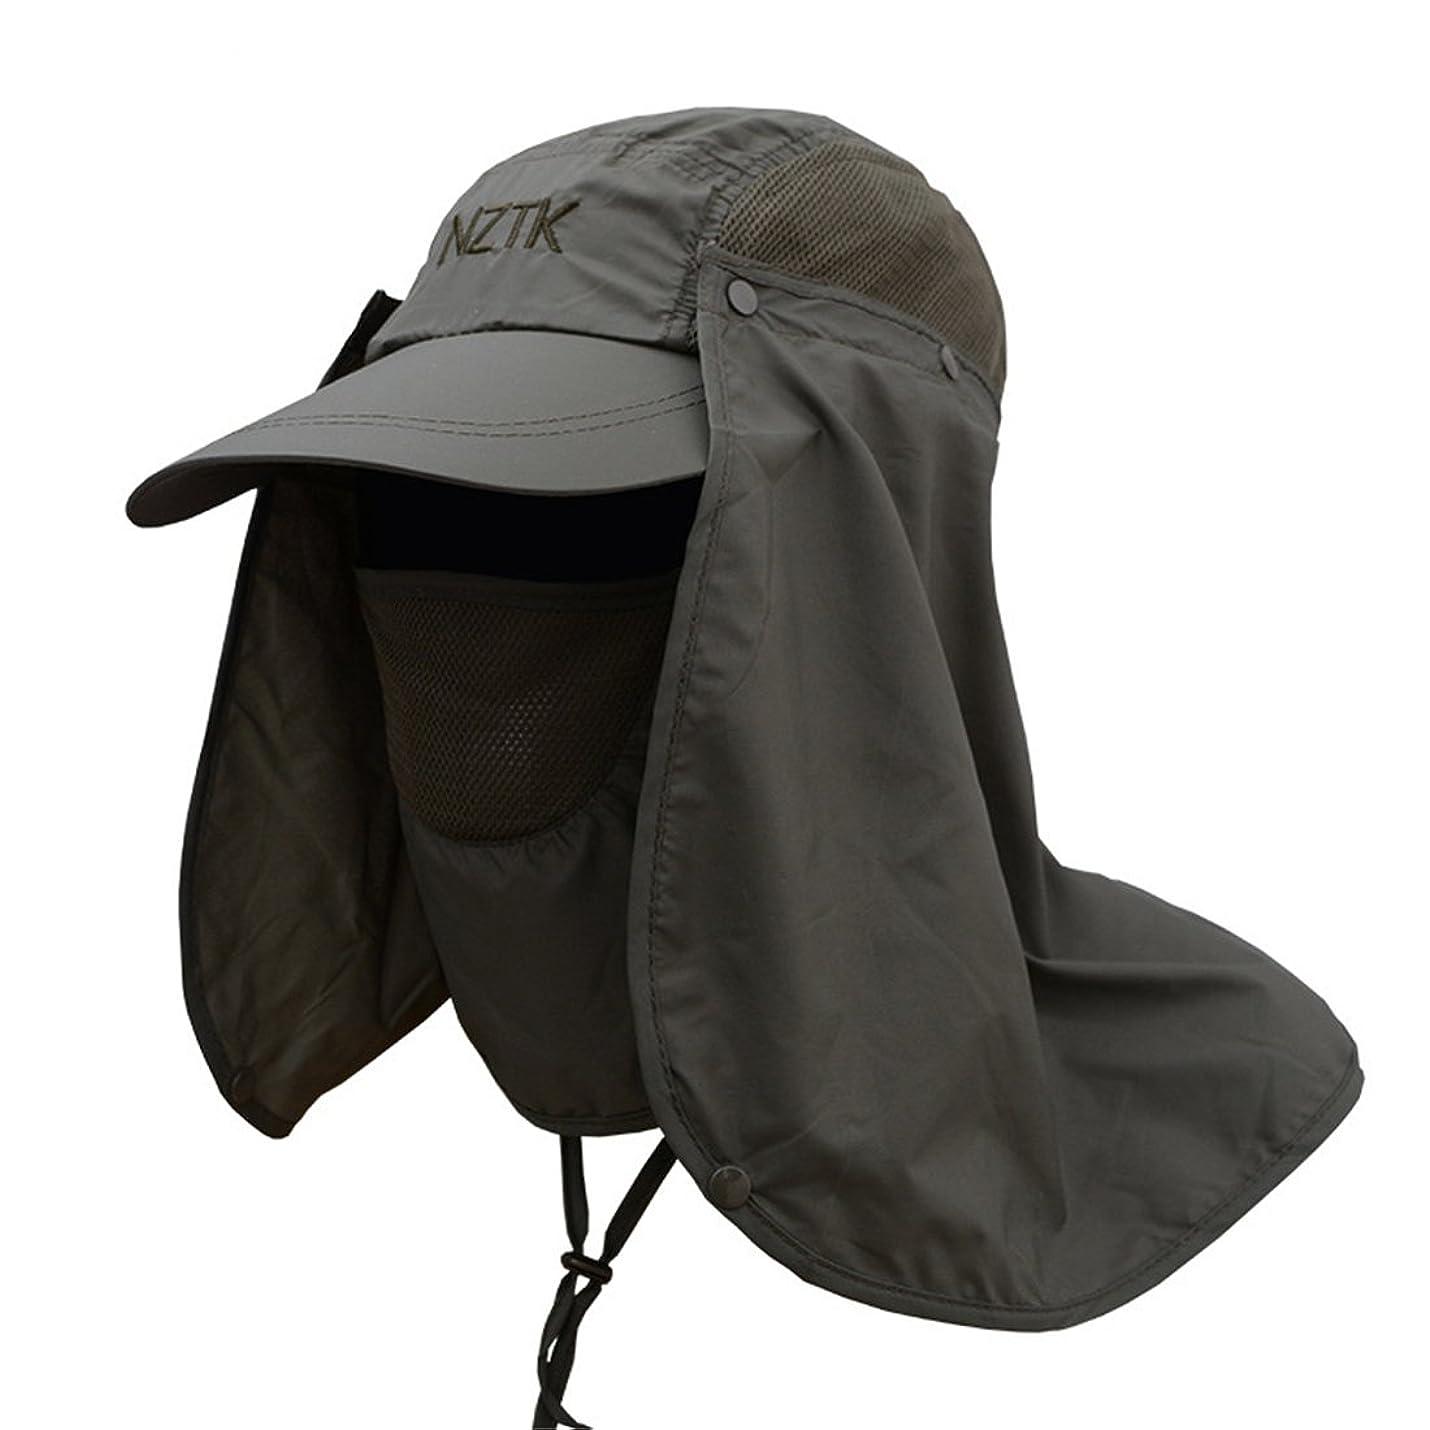 投獄シャンプーどこにもapxpfアウトドア太陽保護釣り帽子取り外し可能なネック&フェイスフラップカバー, UPF 50?+キャップ